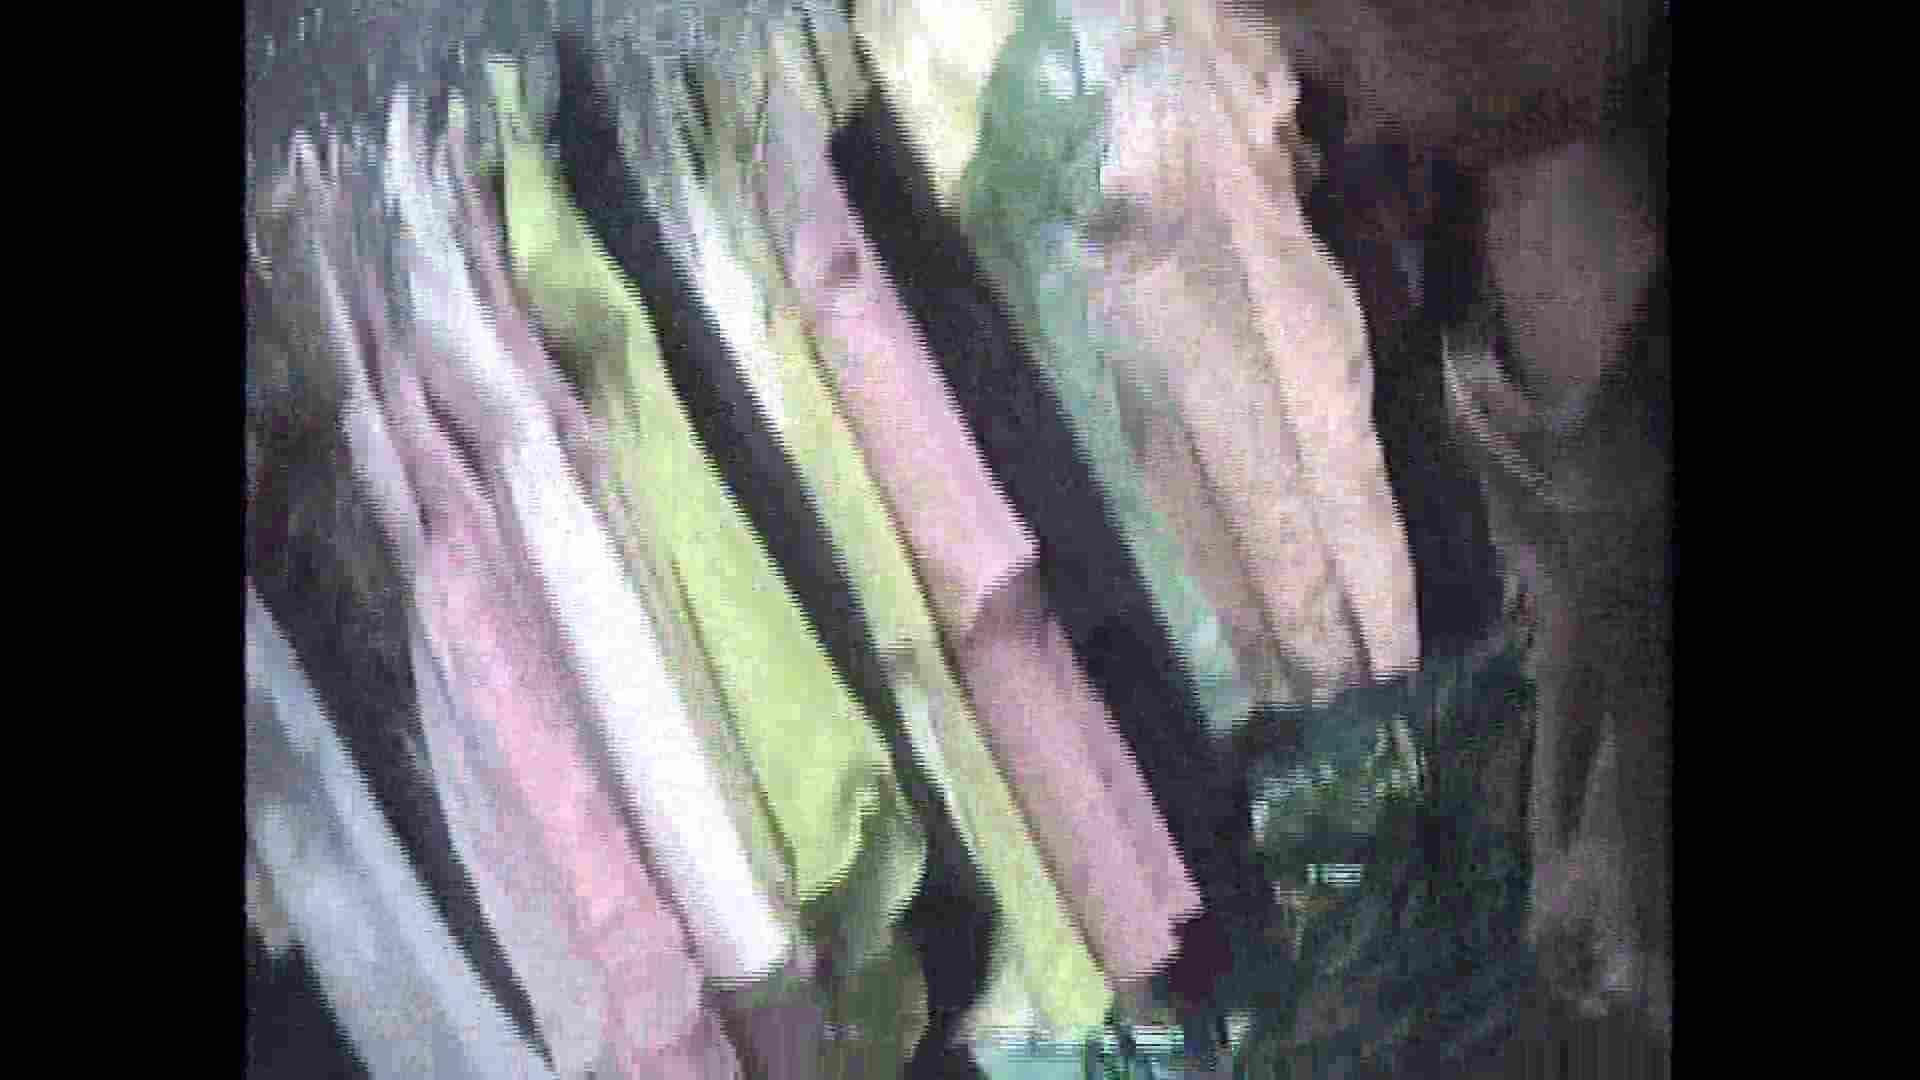 働く美女の谷間参拝 Vol.31 チラ | エロティックなOL  81画像 17